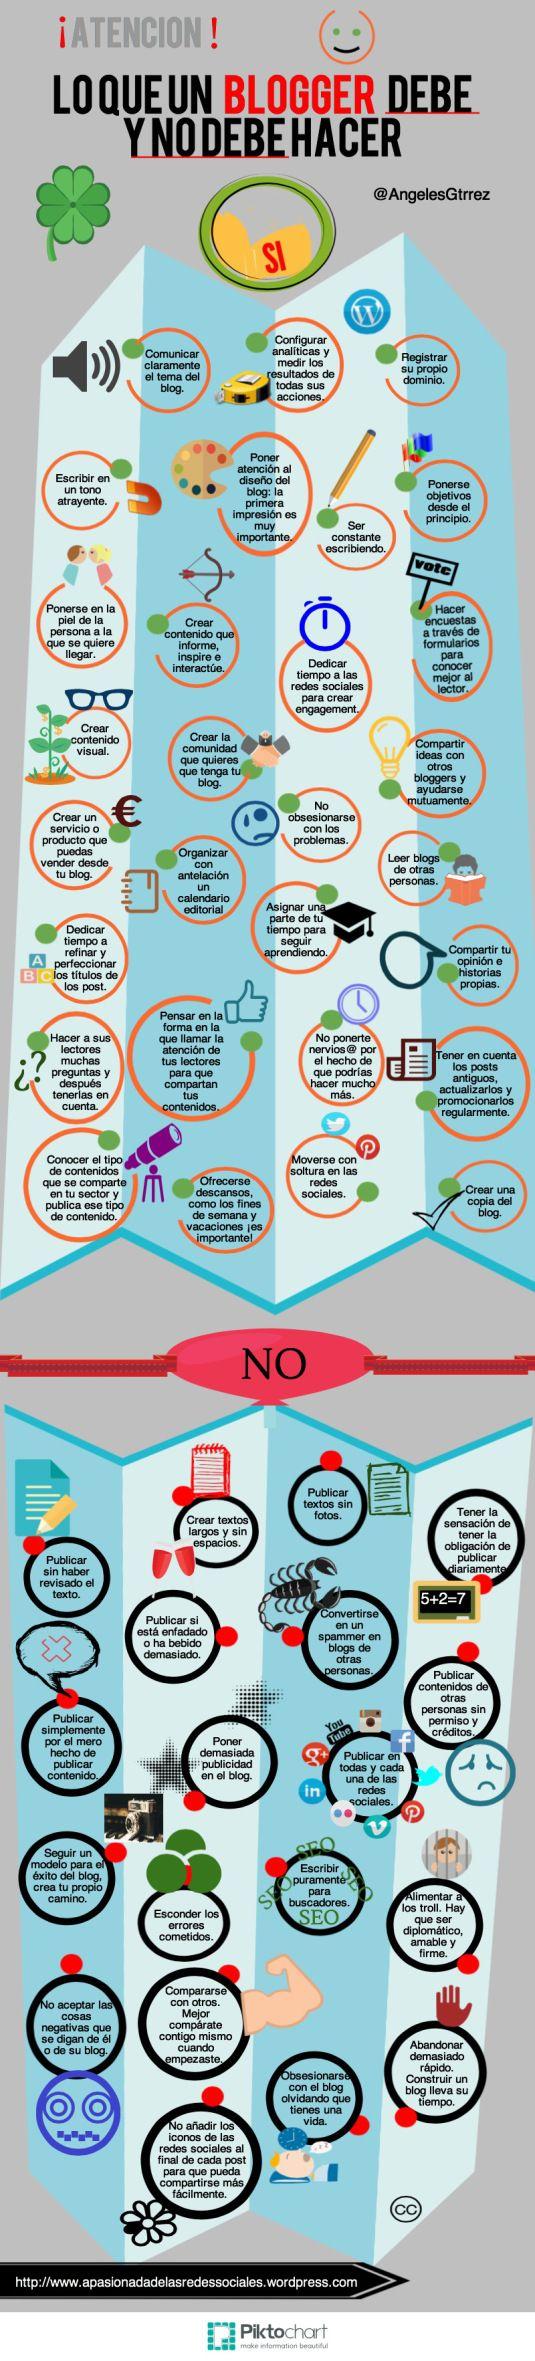 Lo que sí y lo que no debe hacer un blogger #infografía (vía @AngelesGtrrez)